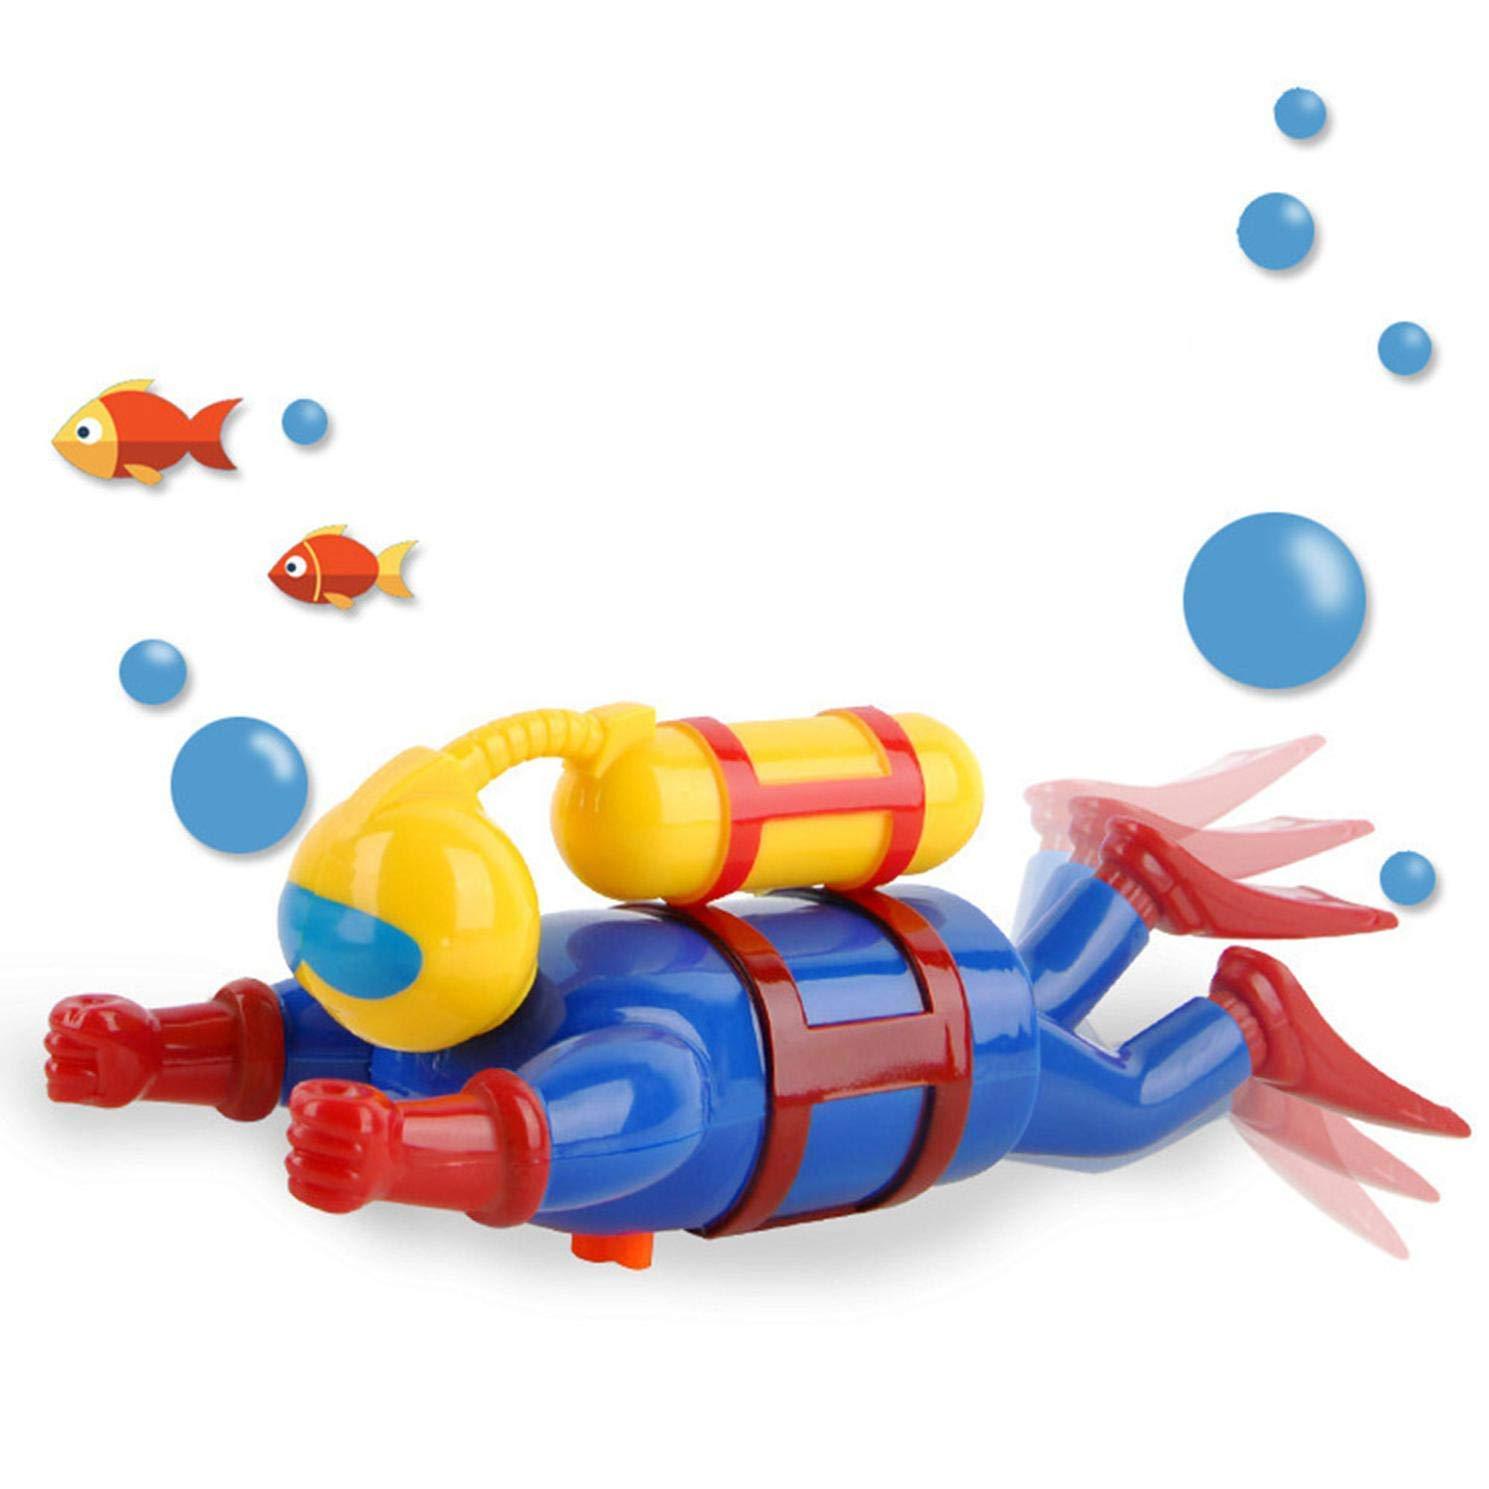 xiaoyamyi Migliore Bambino Giocattolo Bagnetto Vento Up Sommozzatore Nuoto Vasca Vasca da Bagno Carino Galleggianti Vento Up Scuba Diver Giocattoli per Bambini